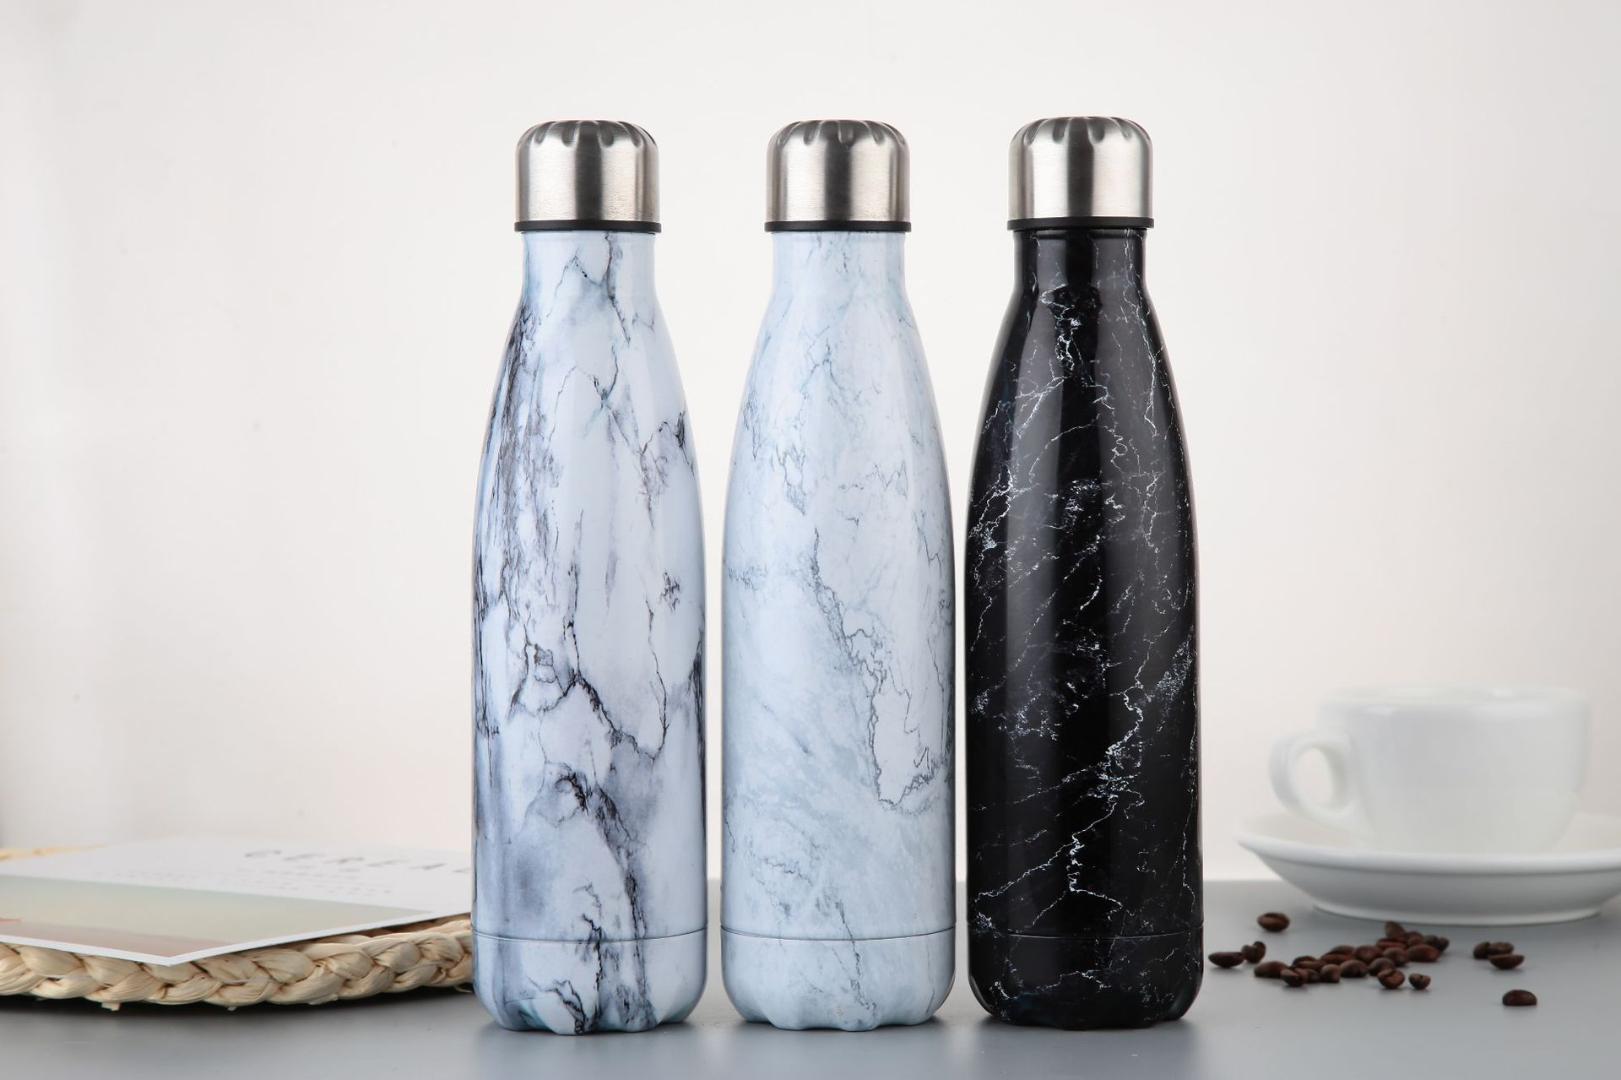 350/500 ml Mármol textura de acero inoxidable de doble pared con aislamiento de vacío Botellas jarro de agua café caldera del recorrido Frascos de vacío Bebida